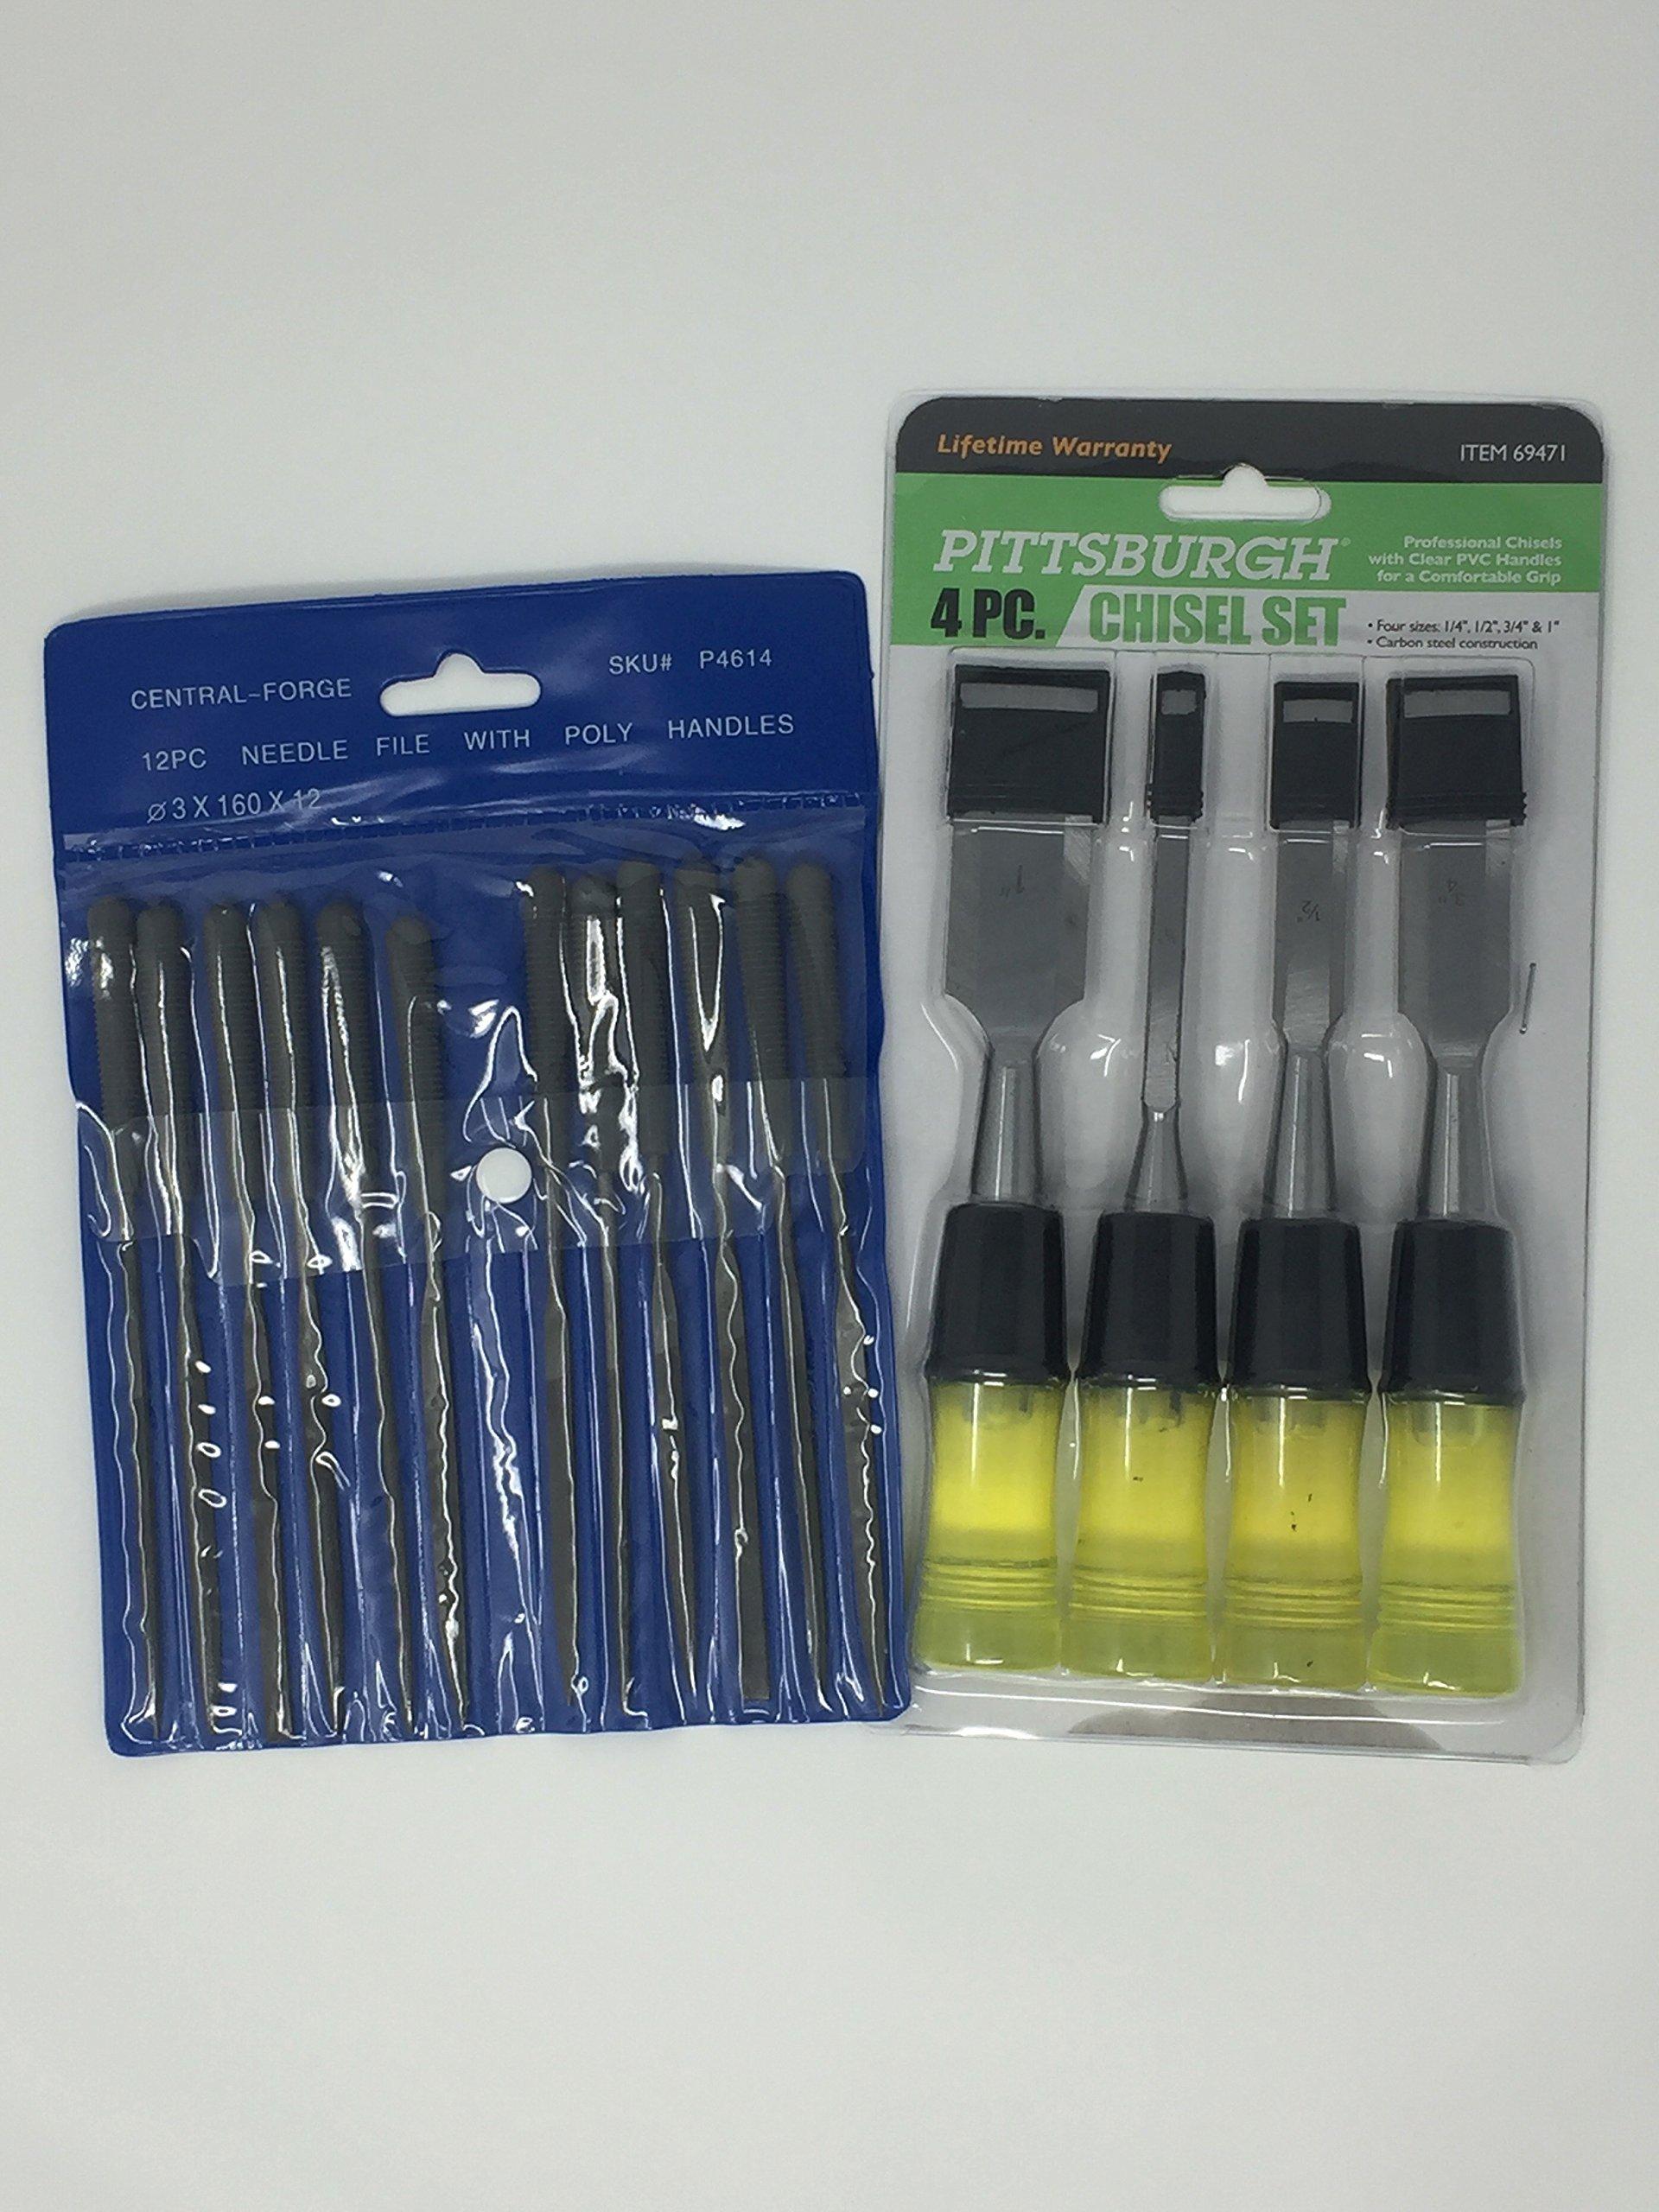 Precision Needle File Set With 4 Piece Chisel Set Bundle